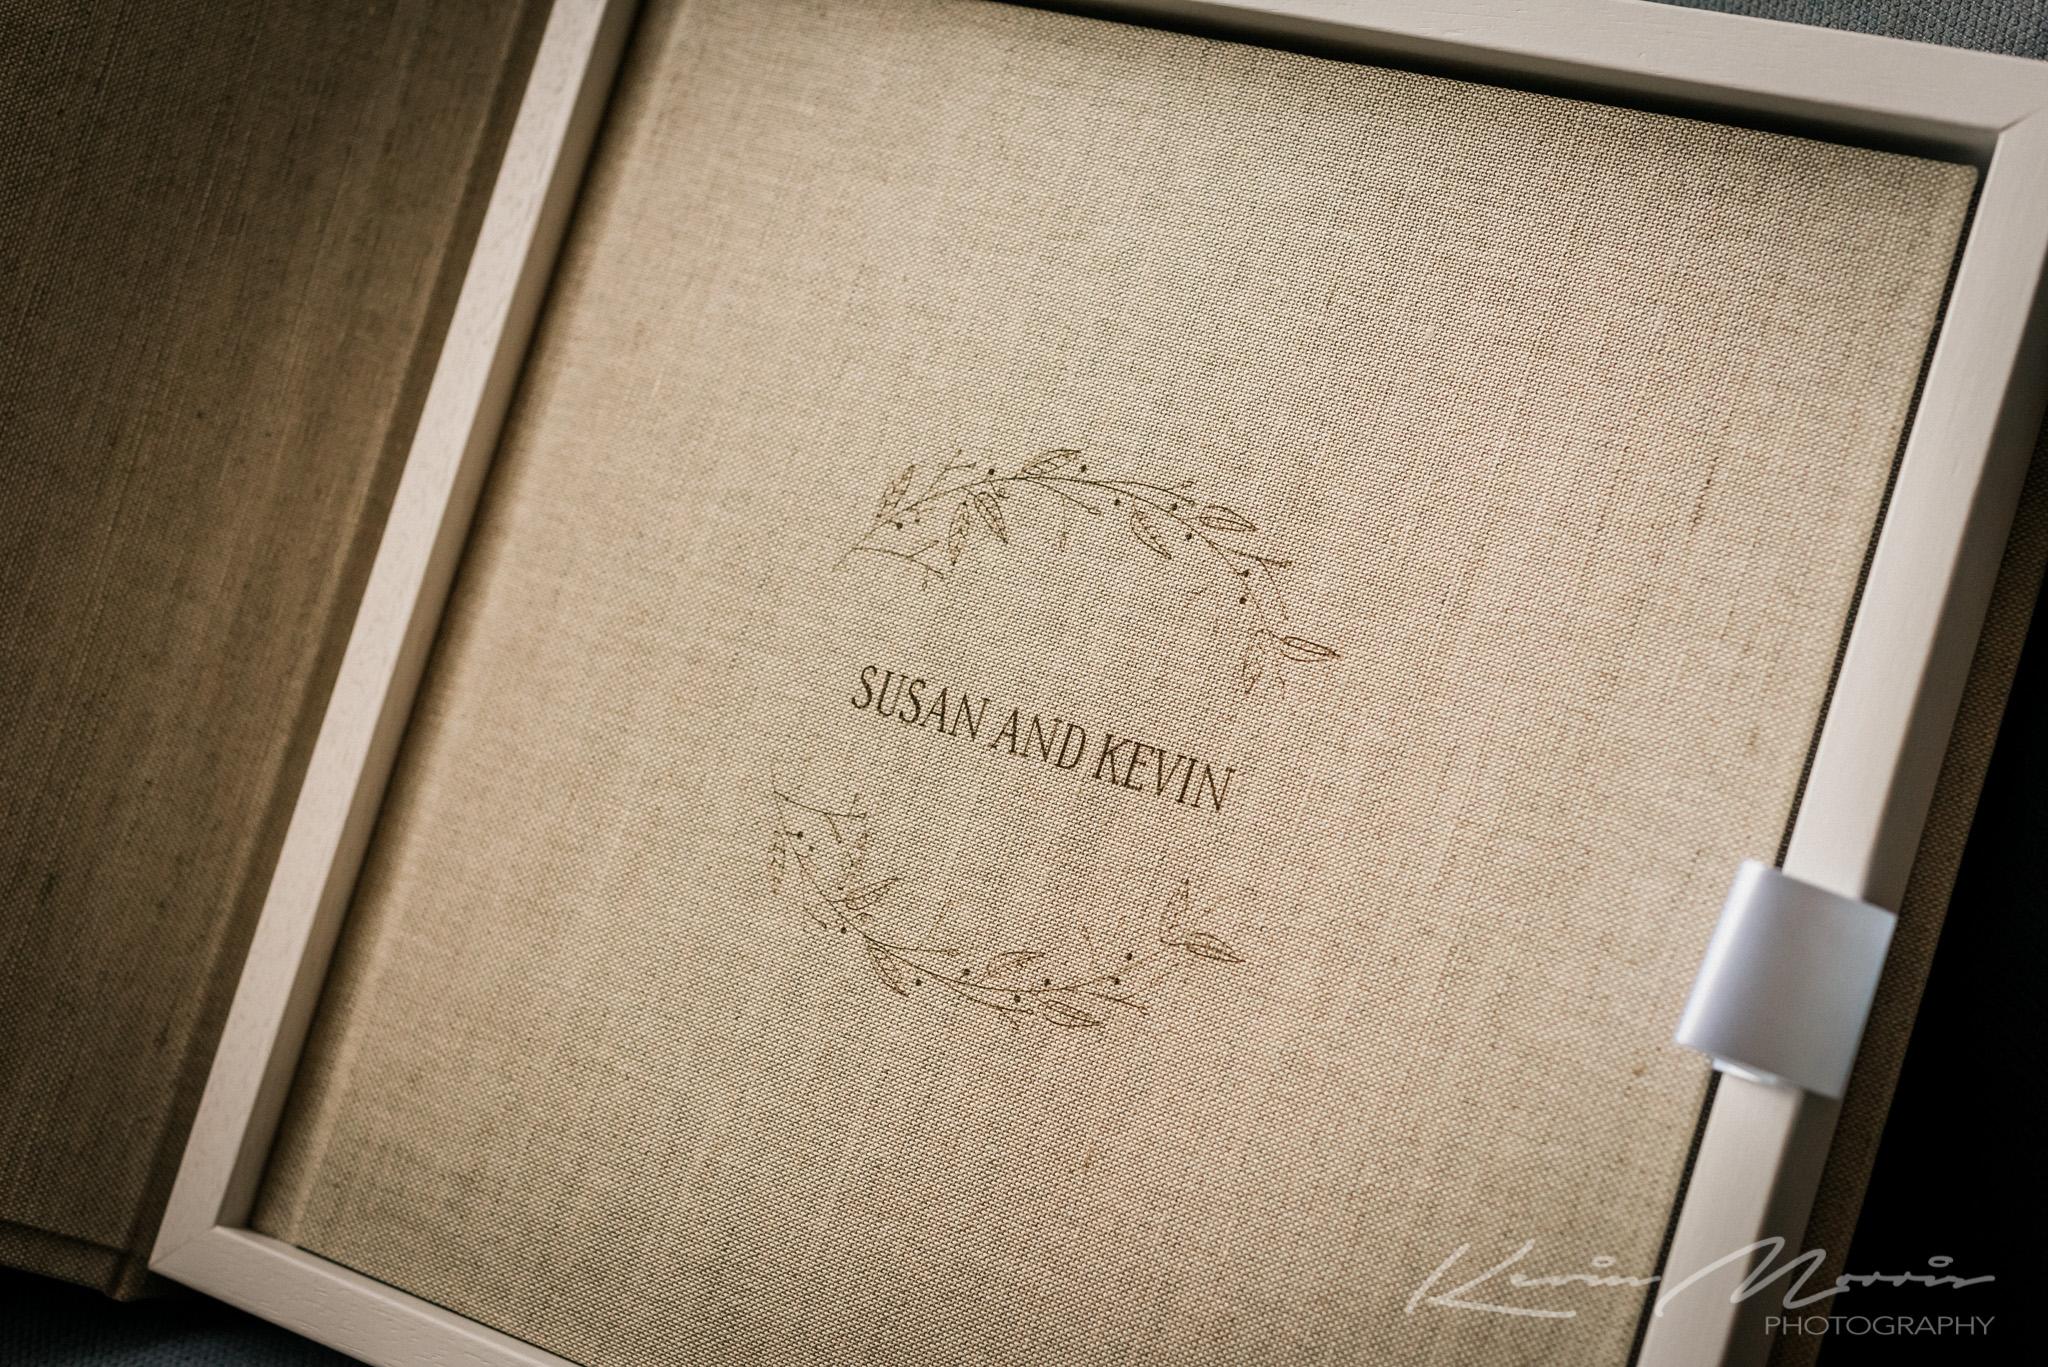 Susan Album (1 of 6)